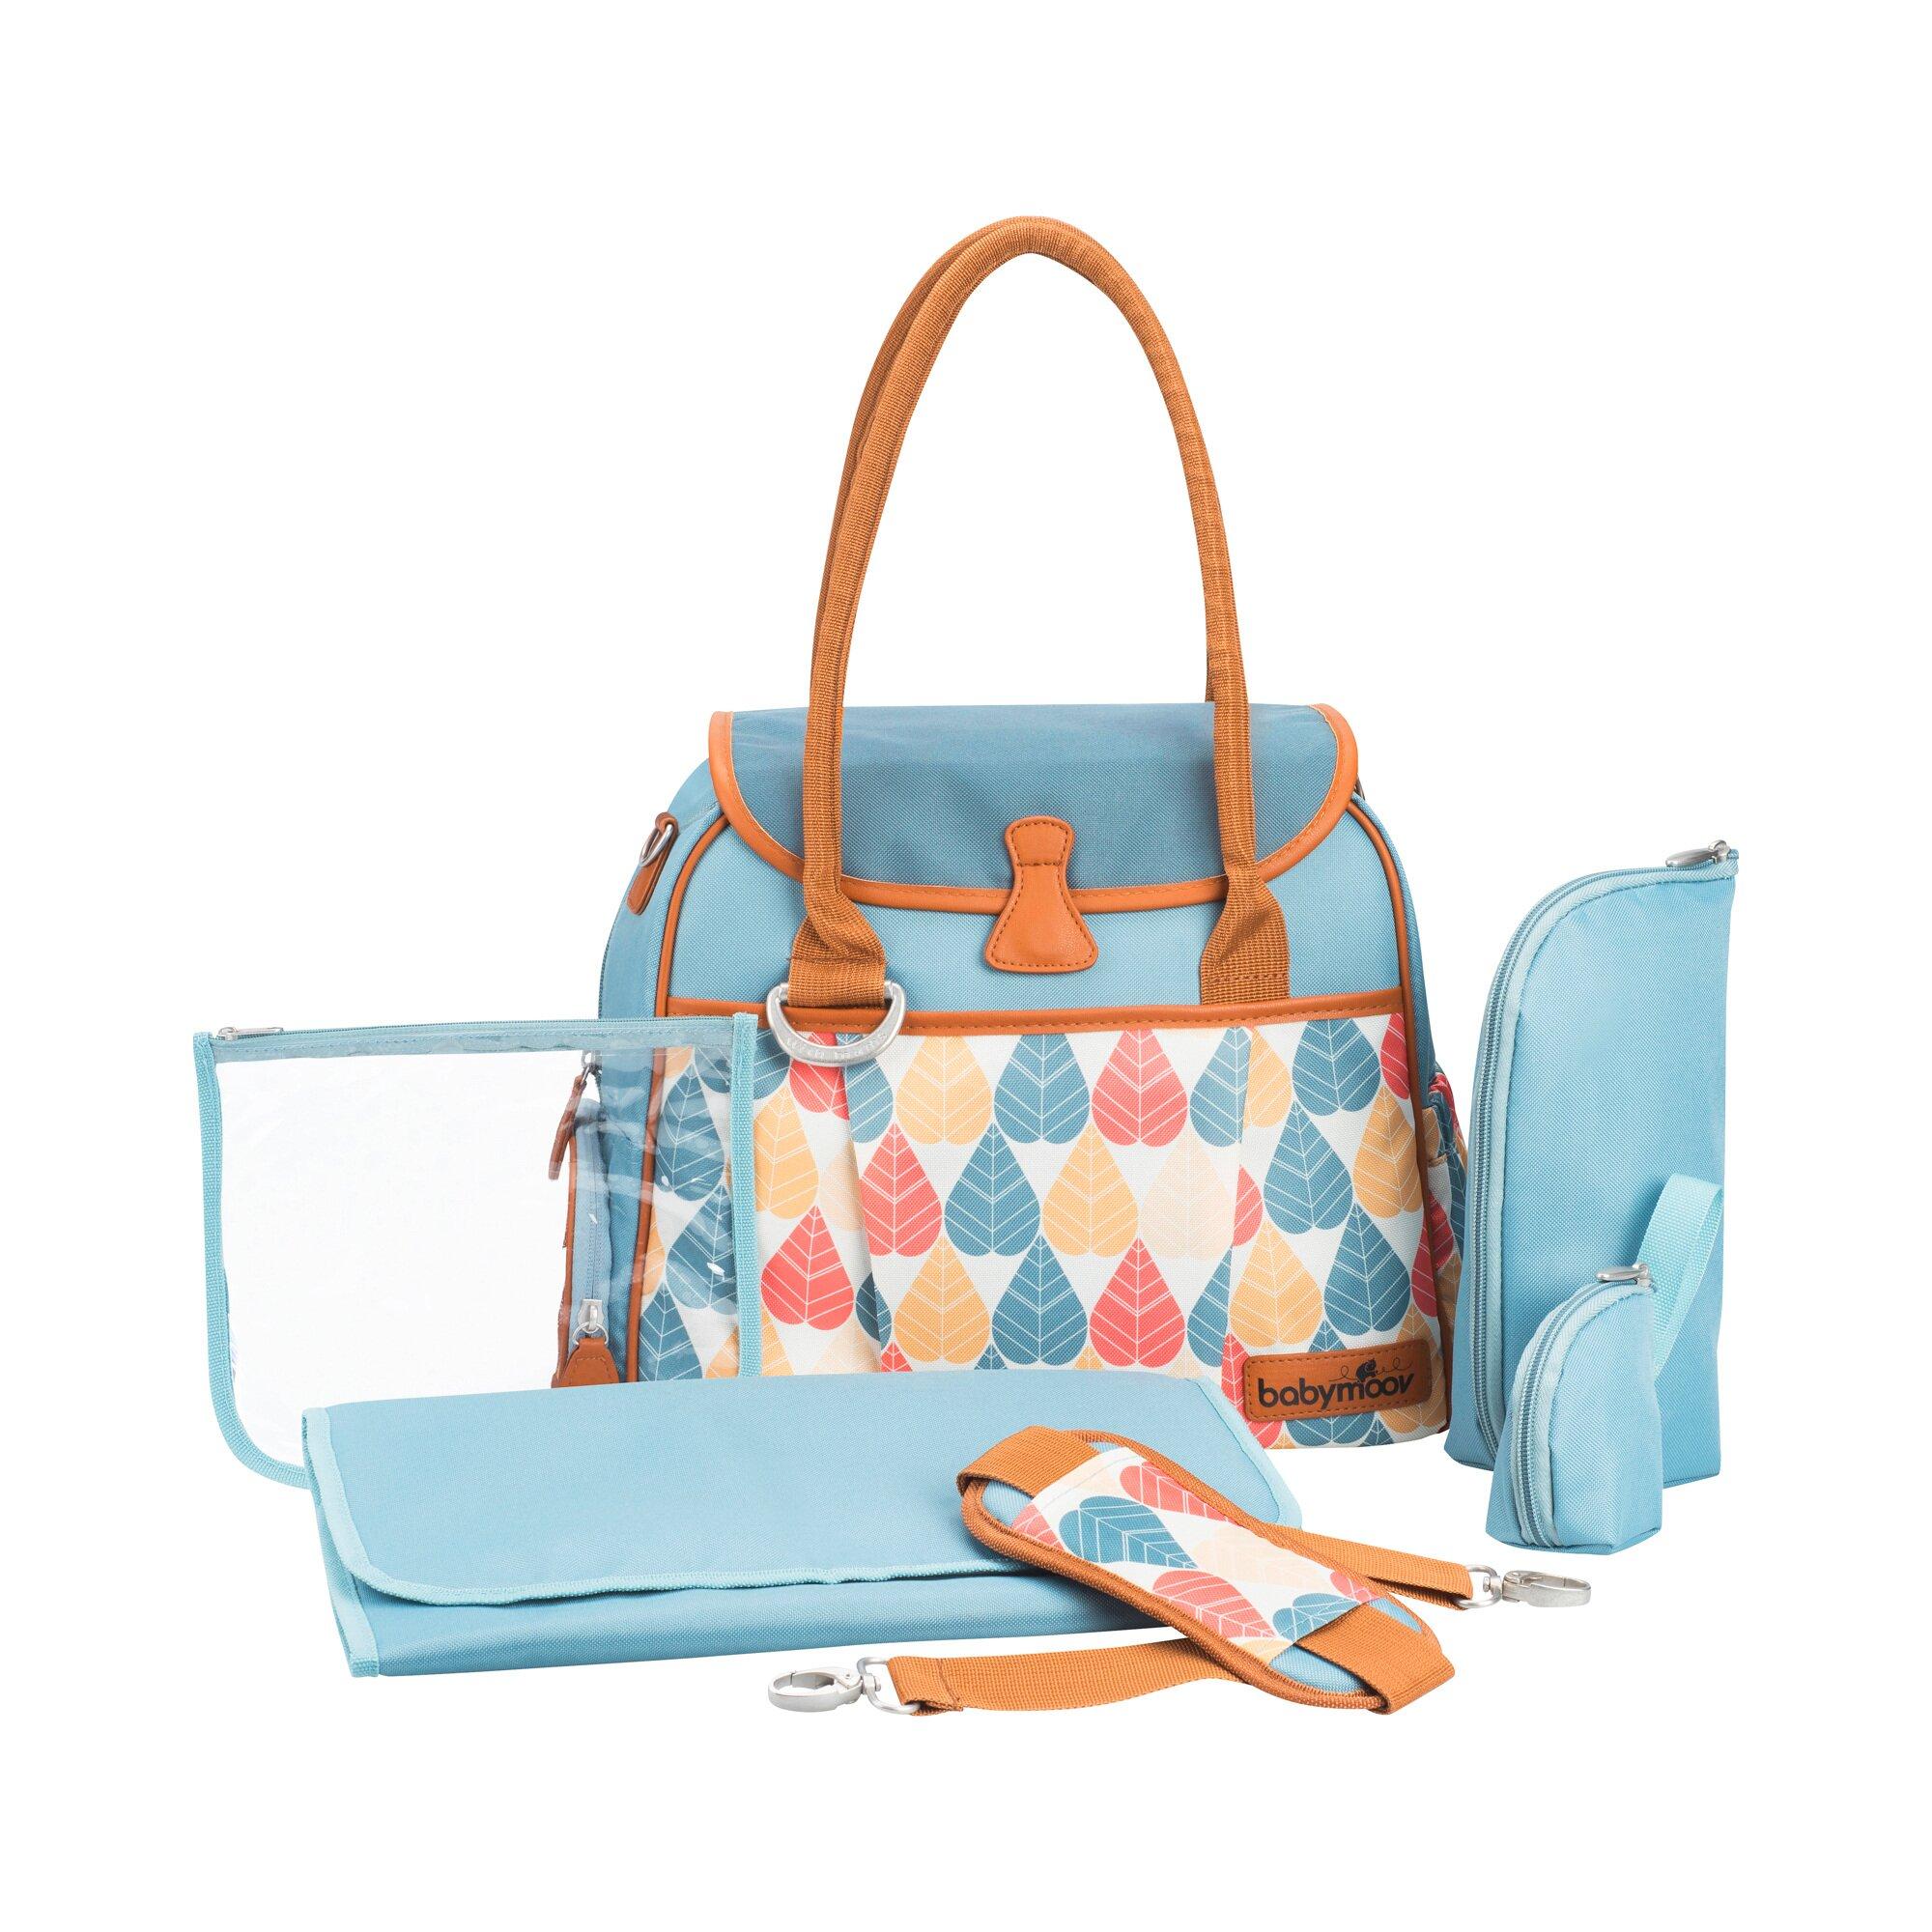 babymoov-wickeltasche-style-bag